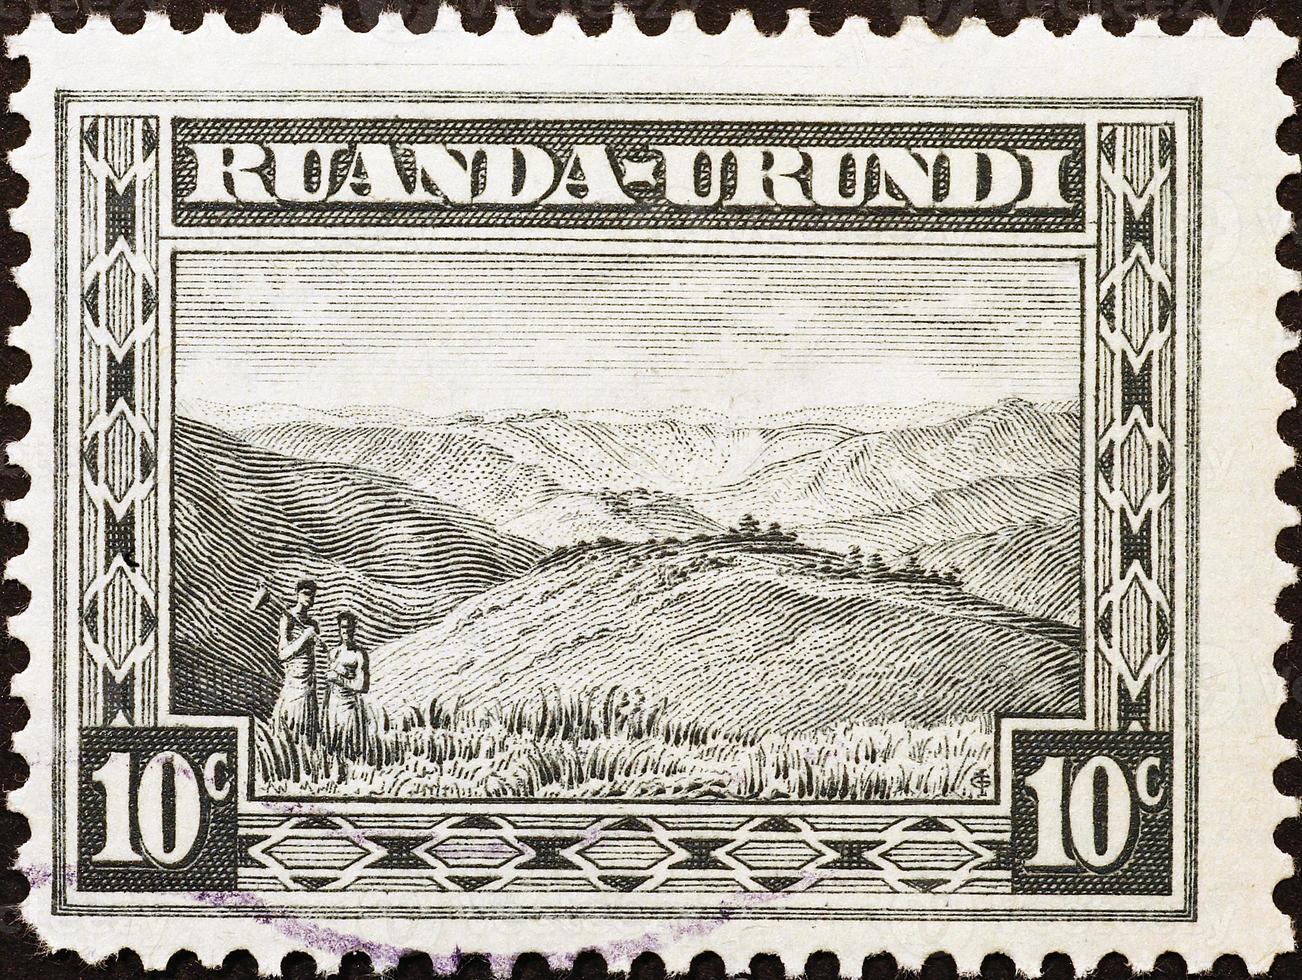 bergsscen på gammal stämpel av ruanda-urundi foto